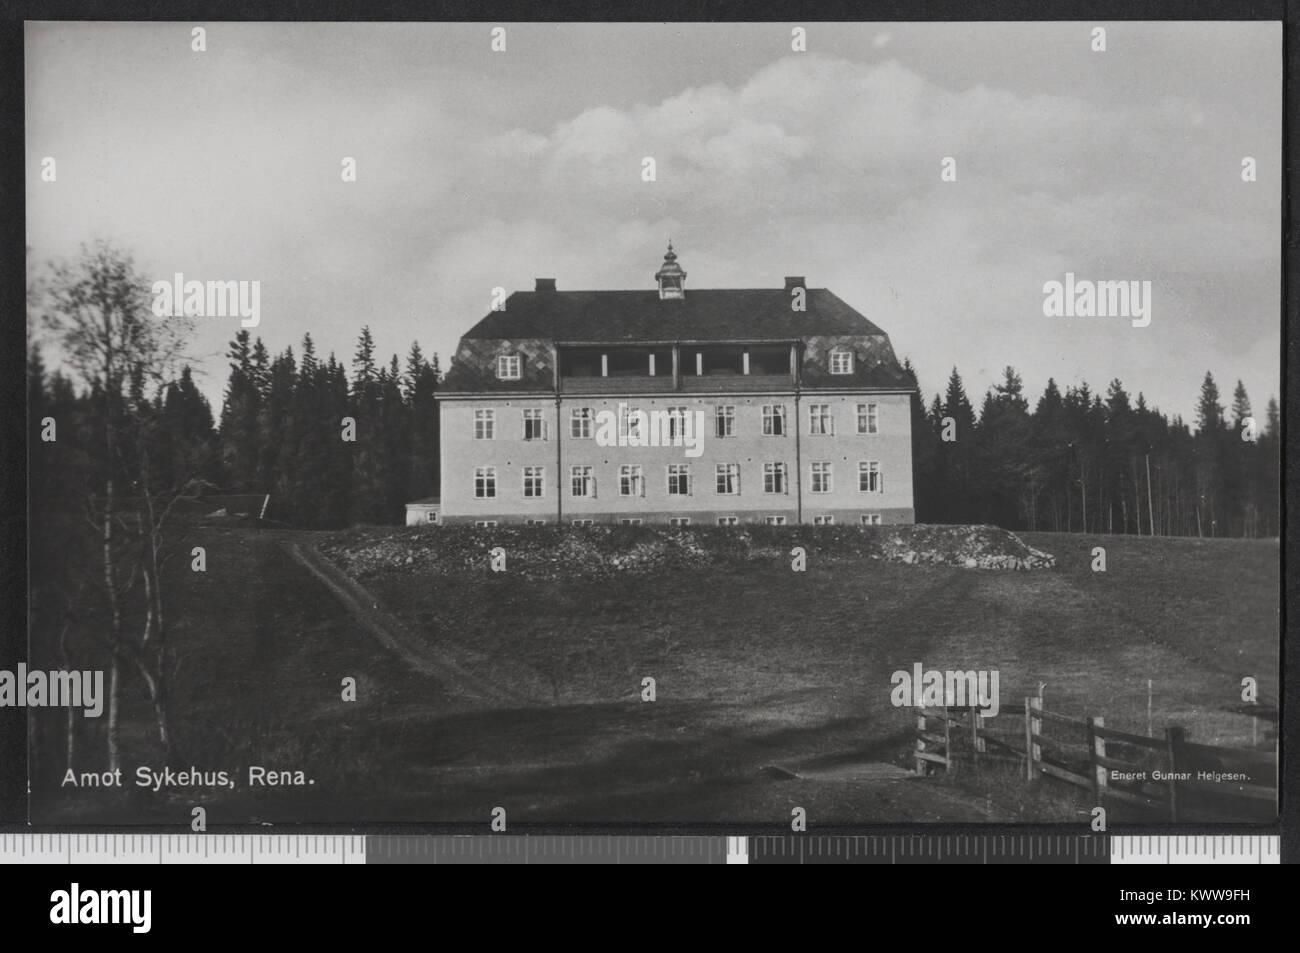 Åmot Sykehus, Rena - no-nb digifoto 20150810 00088 bldsa PK30011 Stock Photo